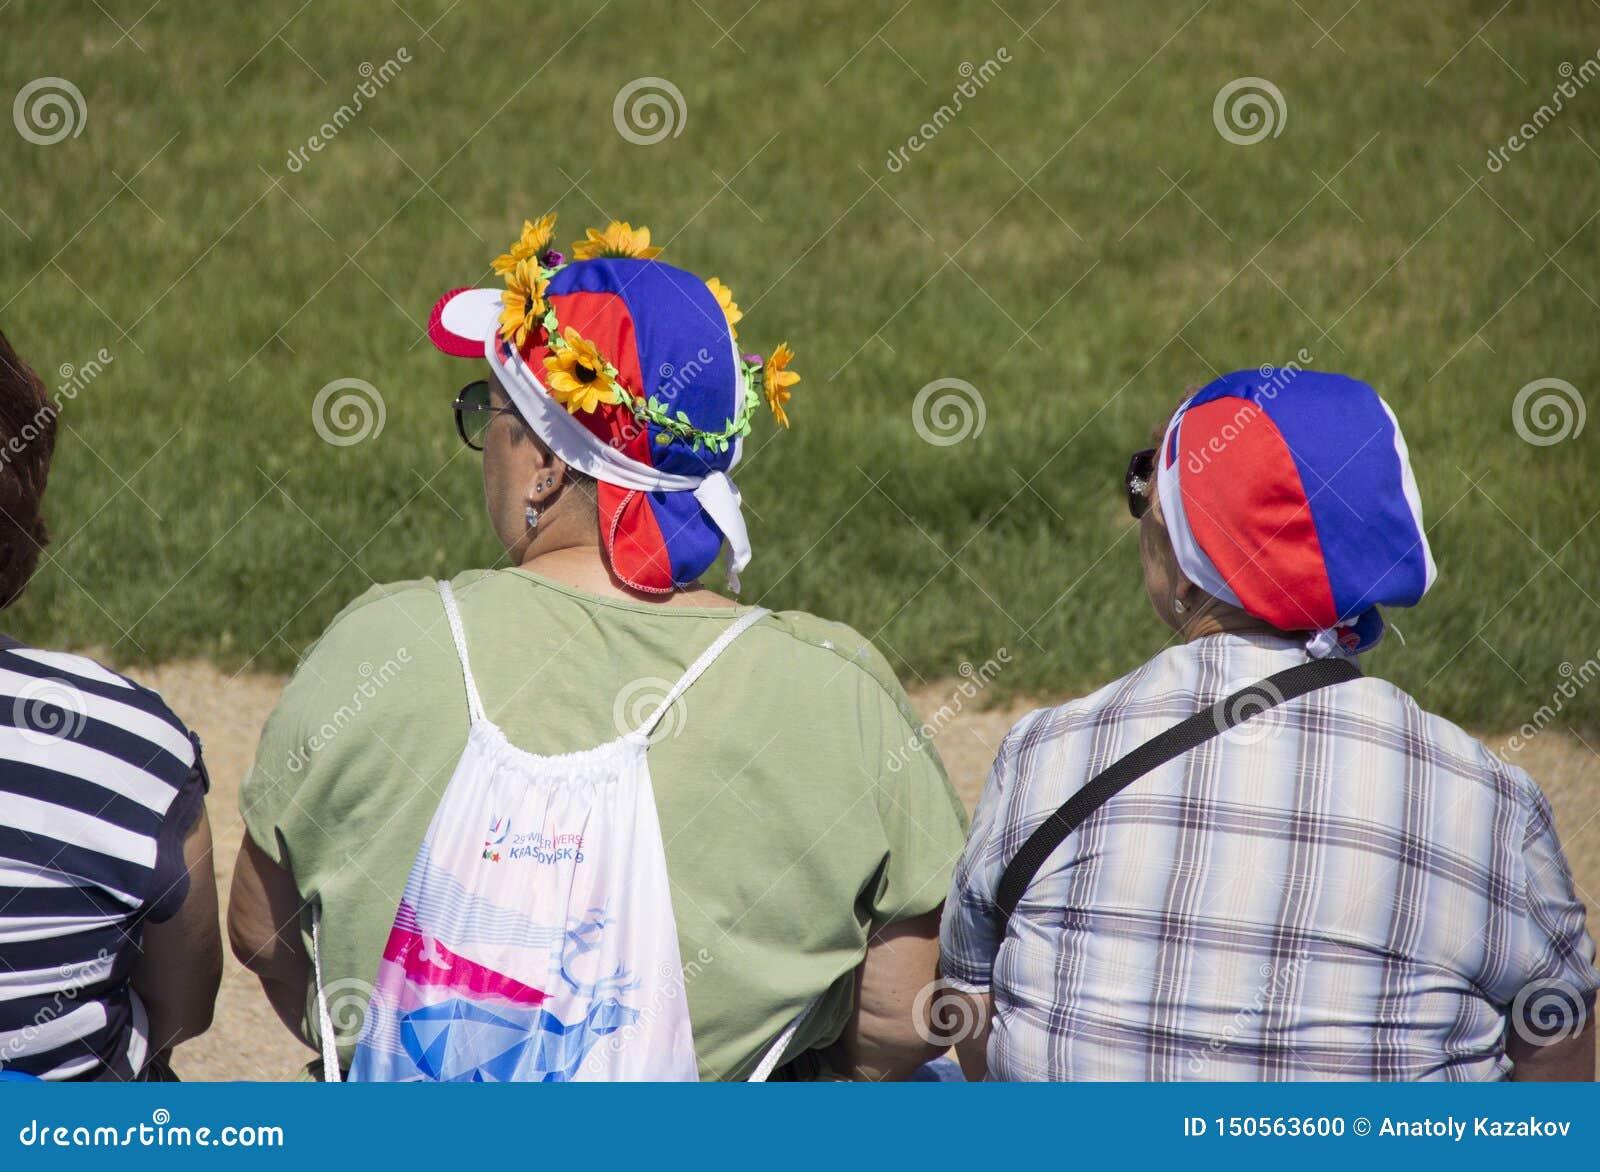 Kobiety w kapeluszach z Rosyjskimi symbolami